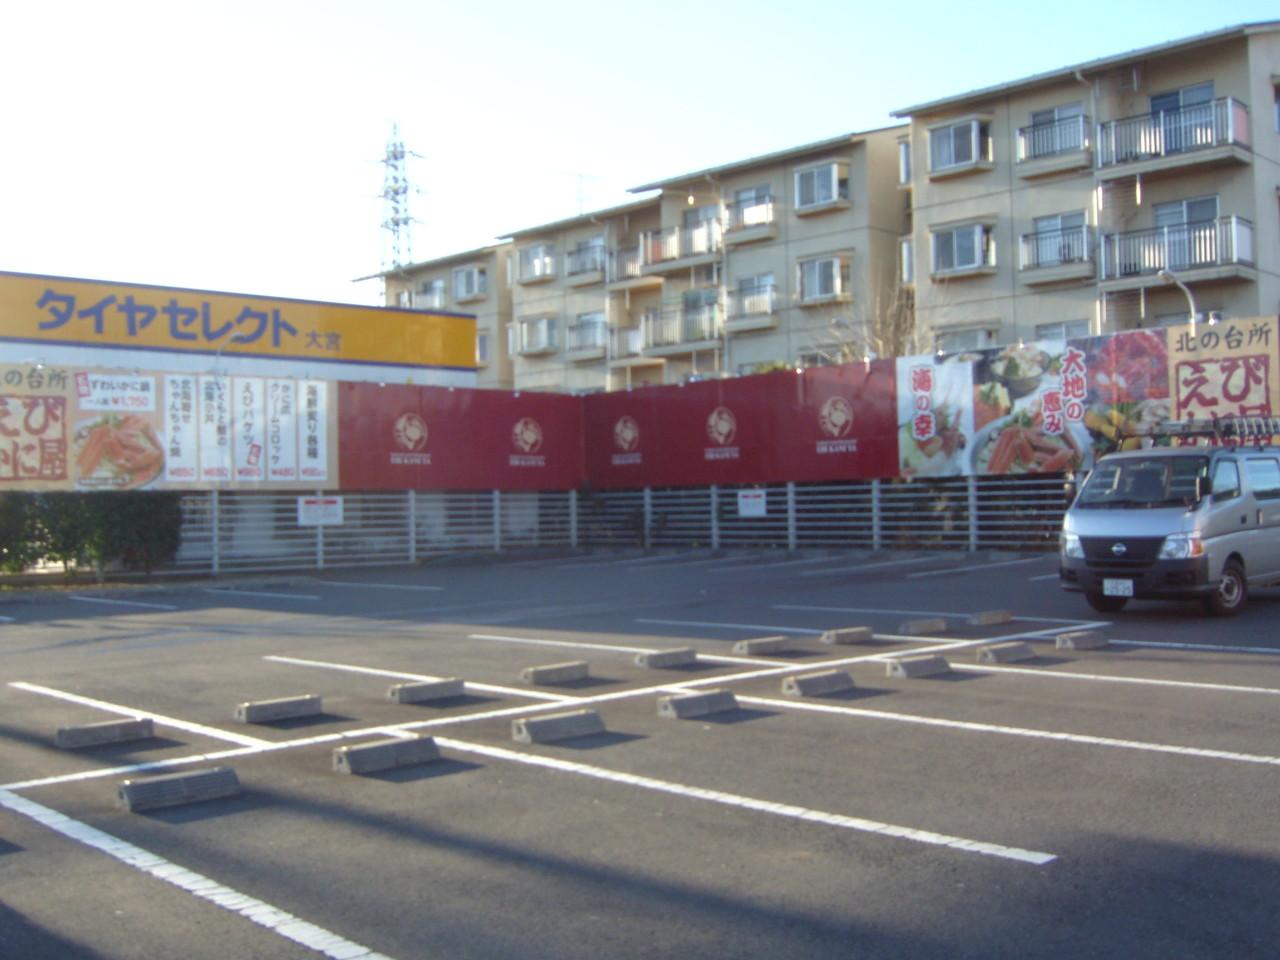 飲食店様駐車場超大型看板 幅16M×高4.2M と 幅12M×高4.2M 2面